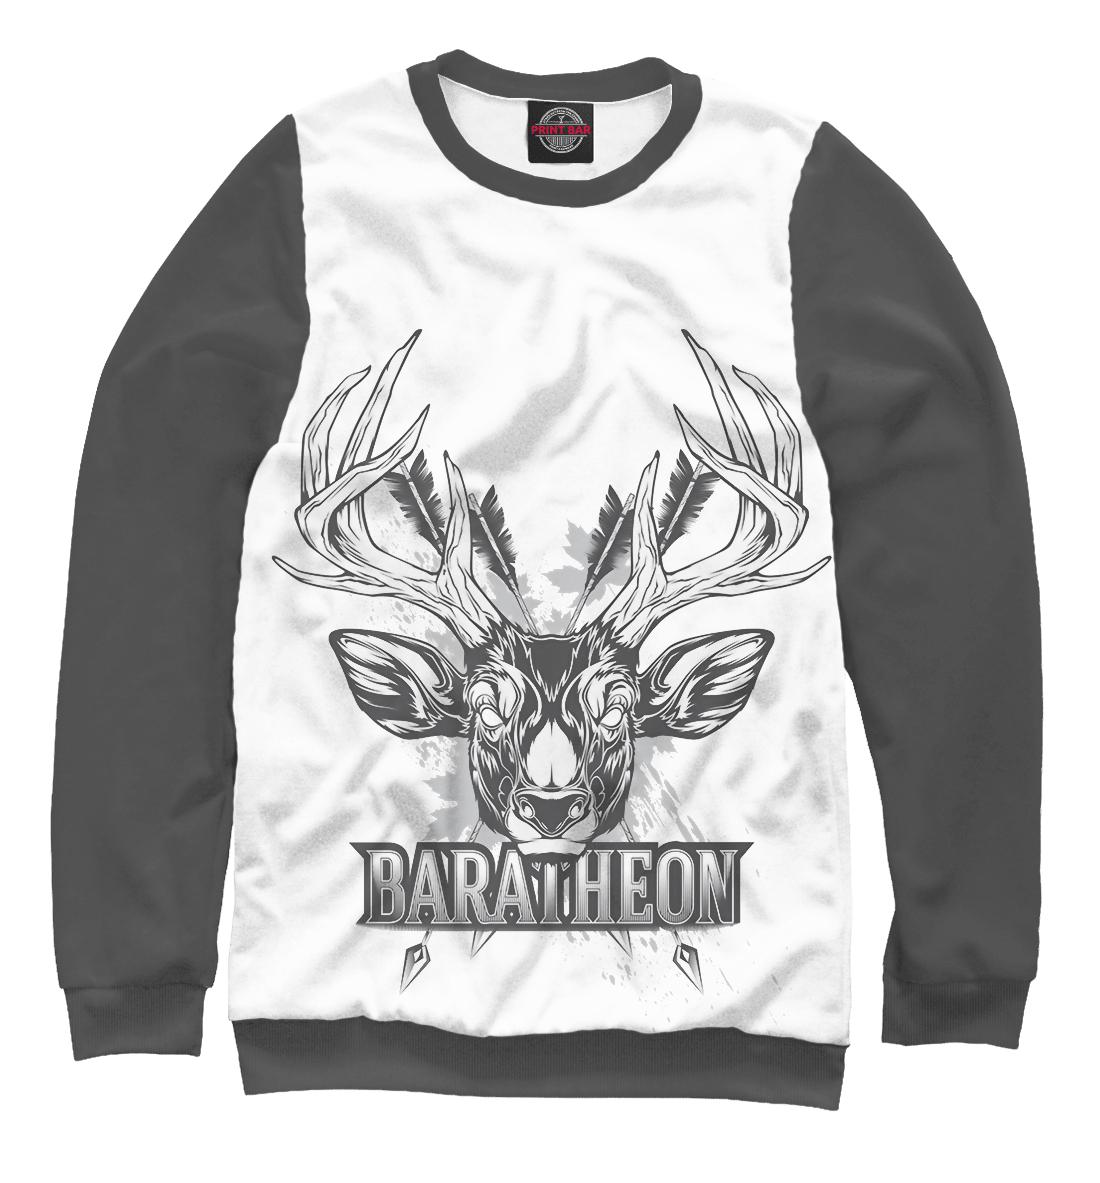 Купить Game of Thrones baratheon, Printbar, Свитшоты, IGR-412238-swi-1